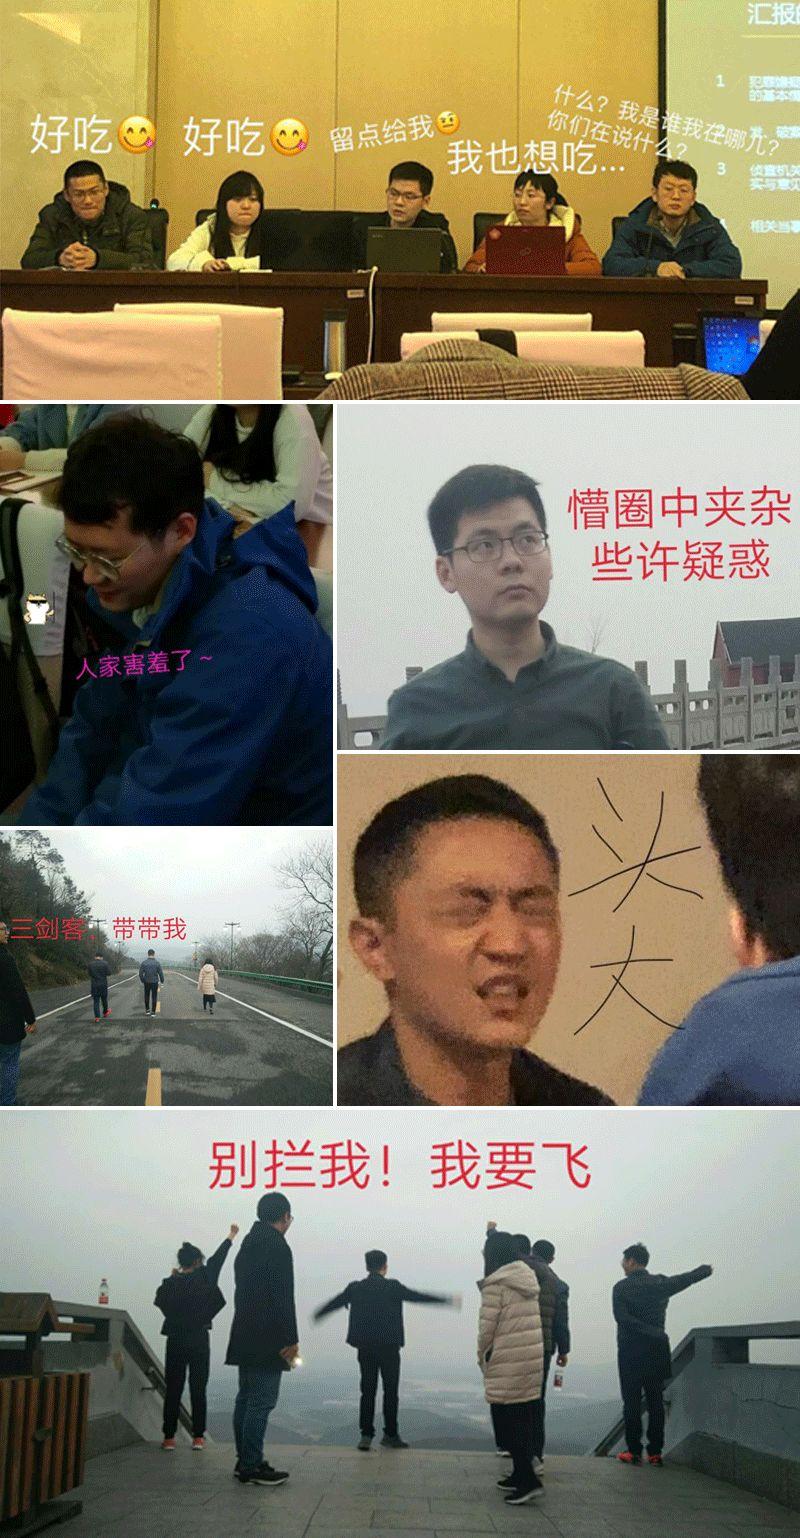 茅山v表情(表情)修炼感悟表情包赵瑞龙信微图片